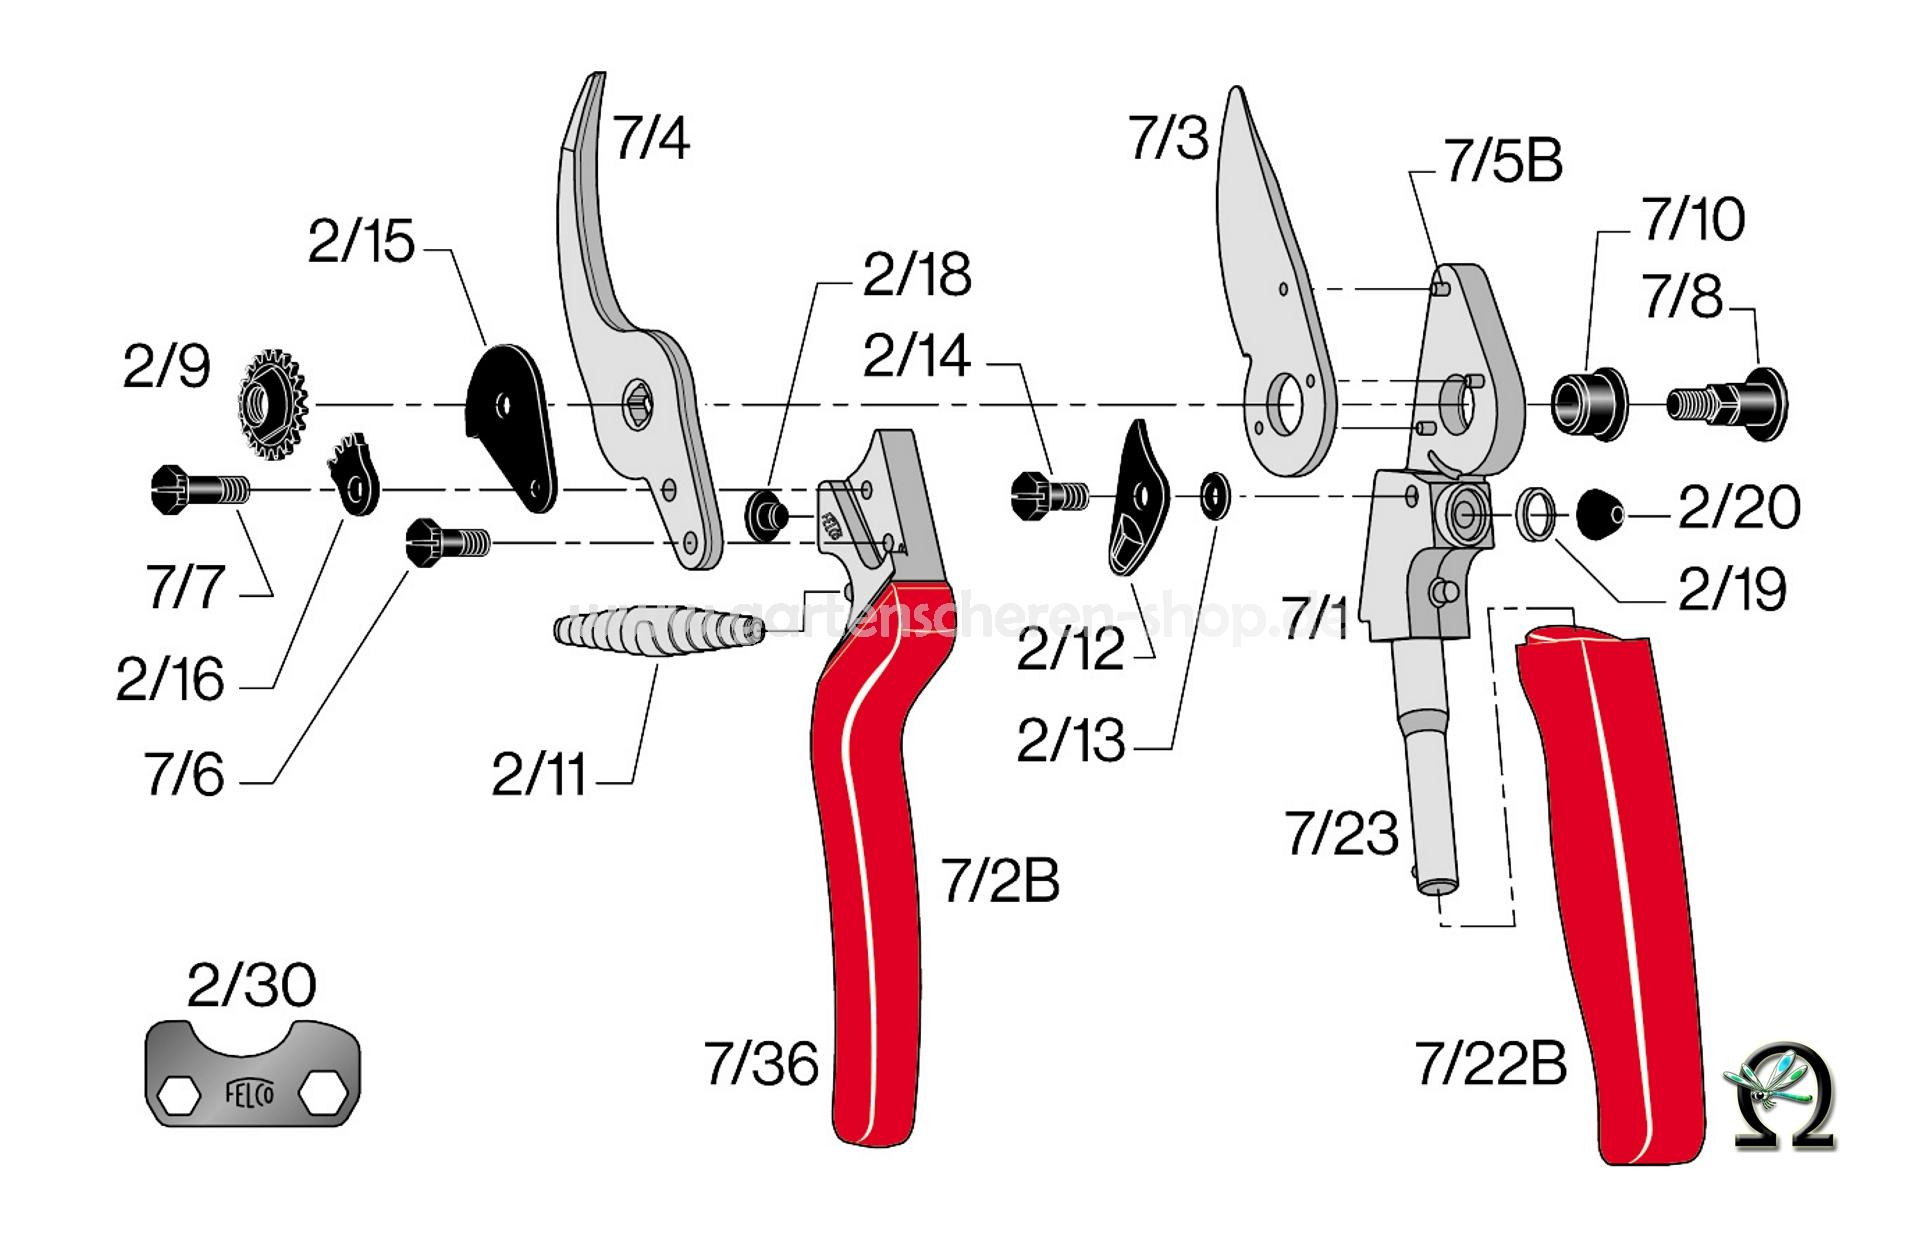 Rosenschere Felco 7, Zeichnung der Einzelteile